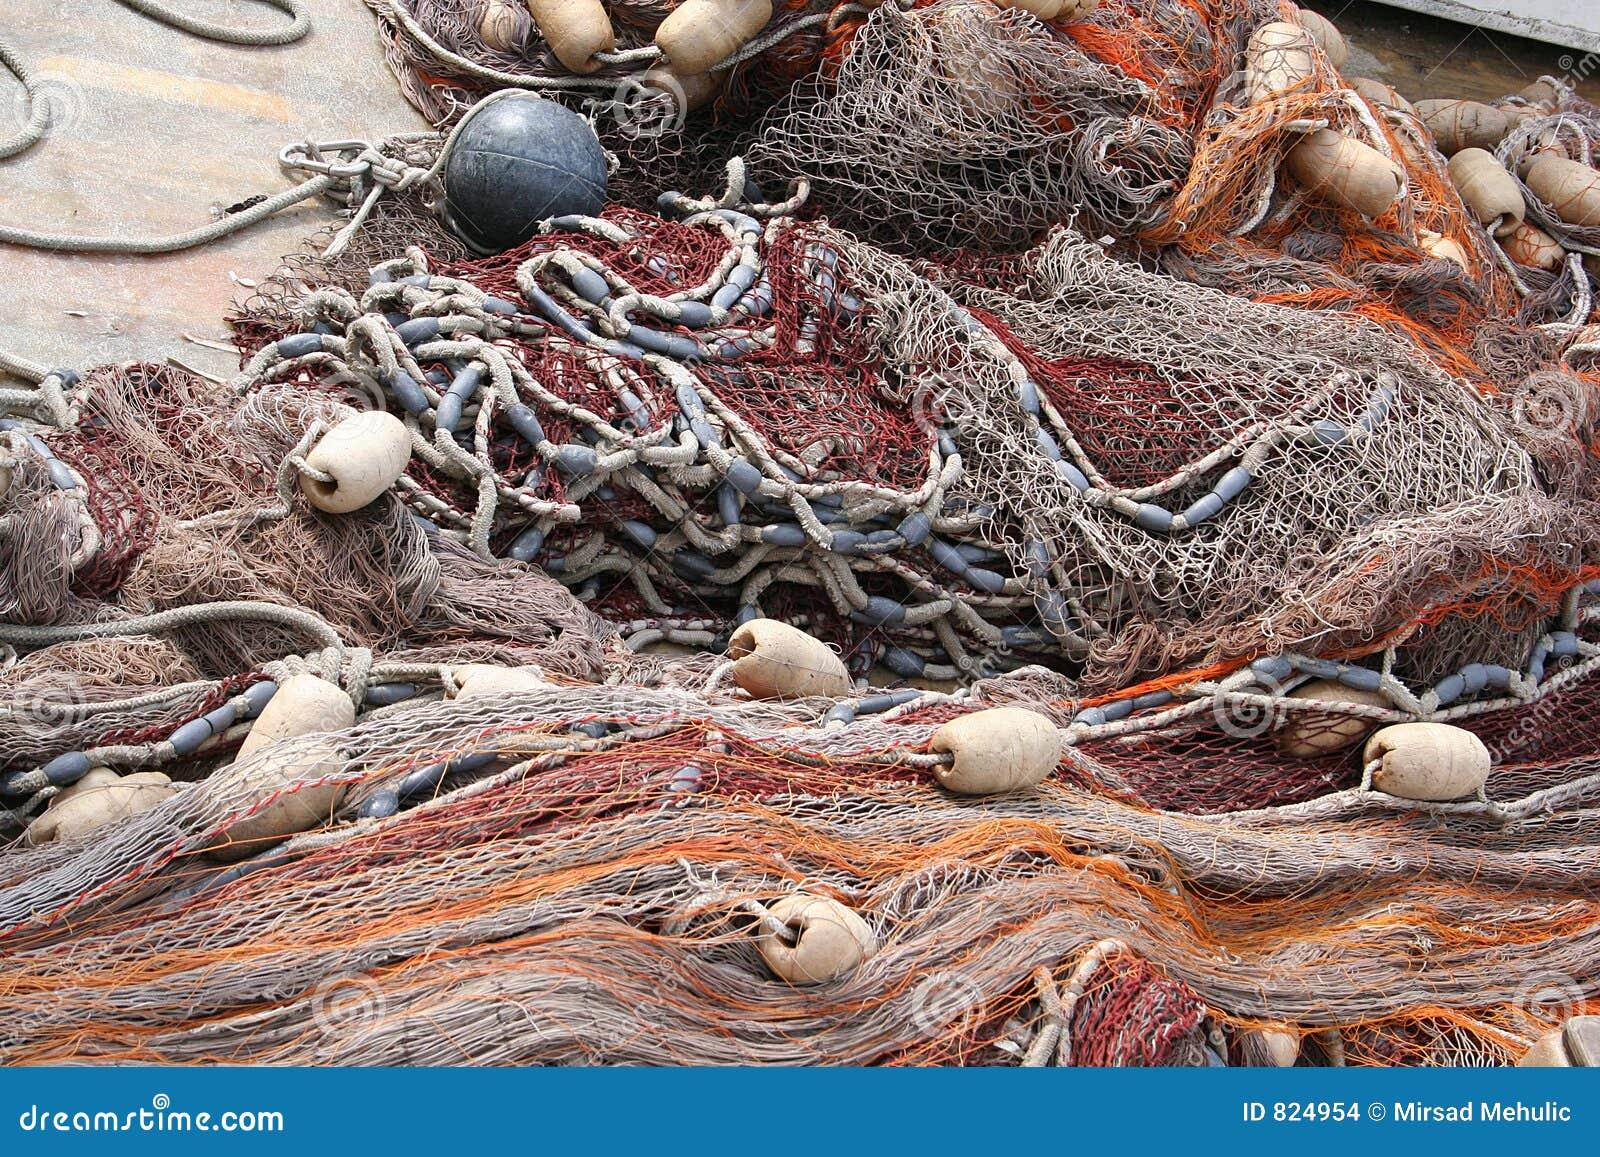 Rete da pesca fotografia stock immagine di rete - Rete da pesca per decorazioni ...